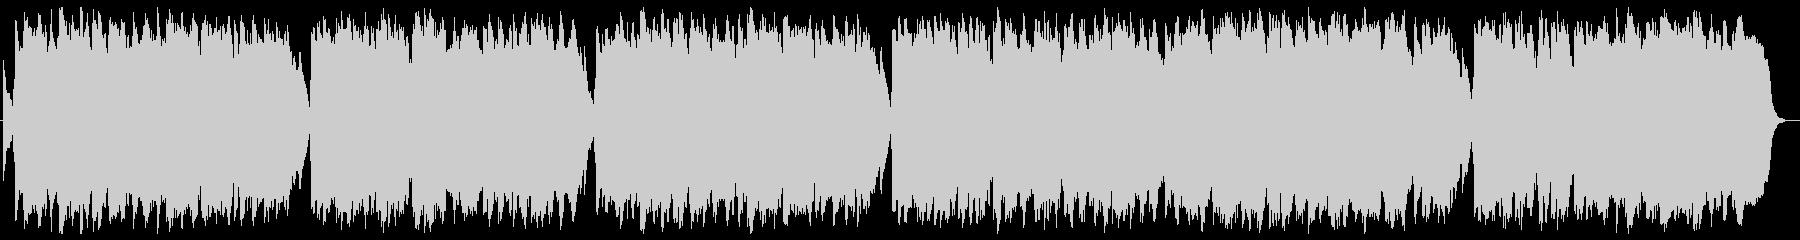 もみの木 オルゴール&Str.の未再生の波形